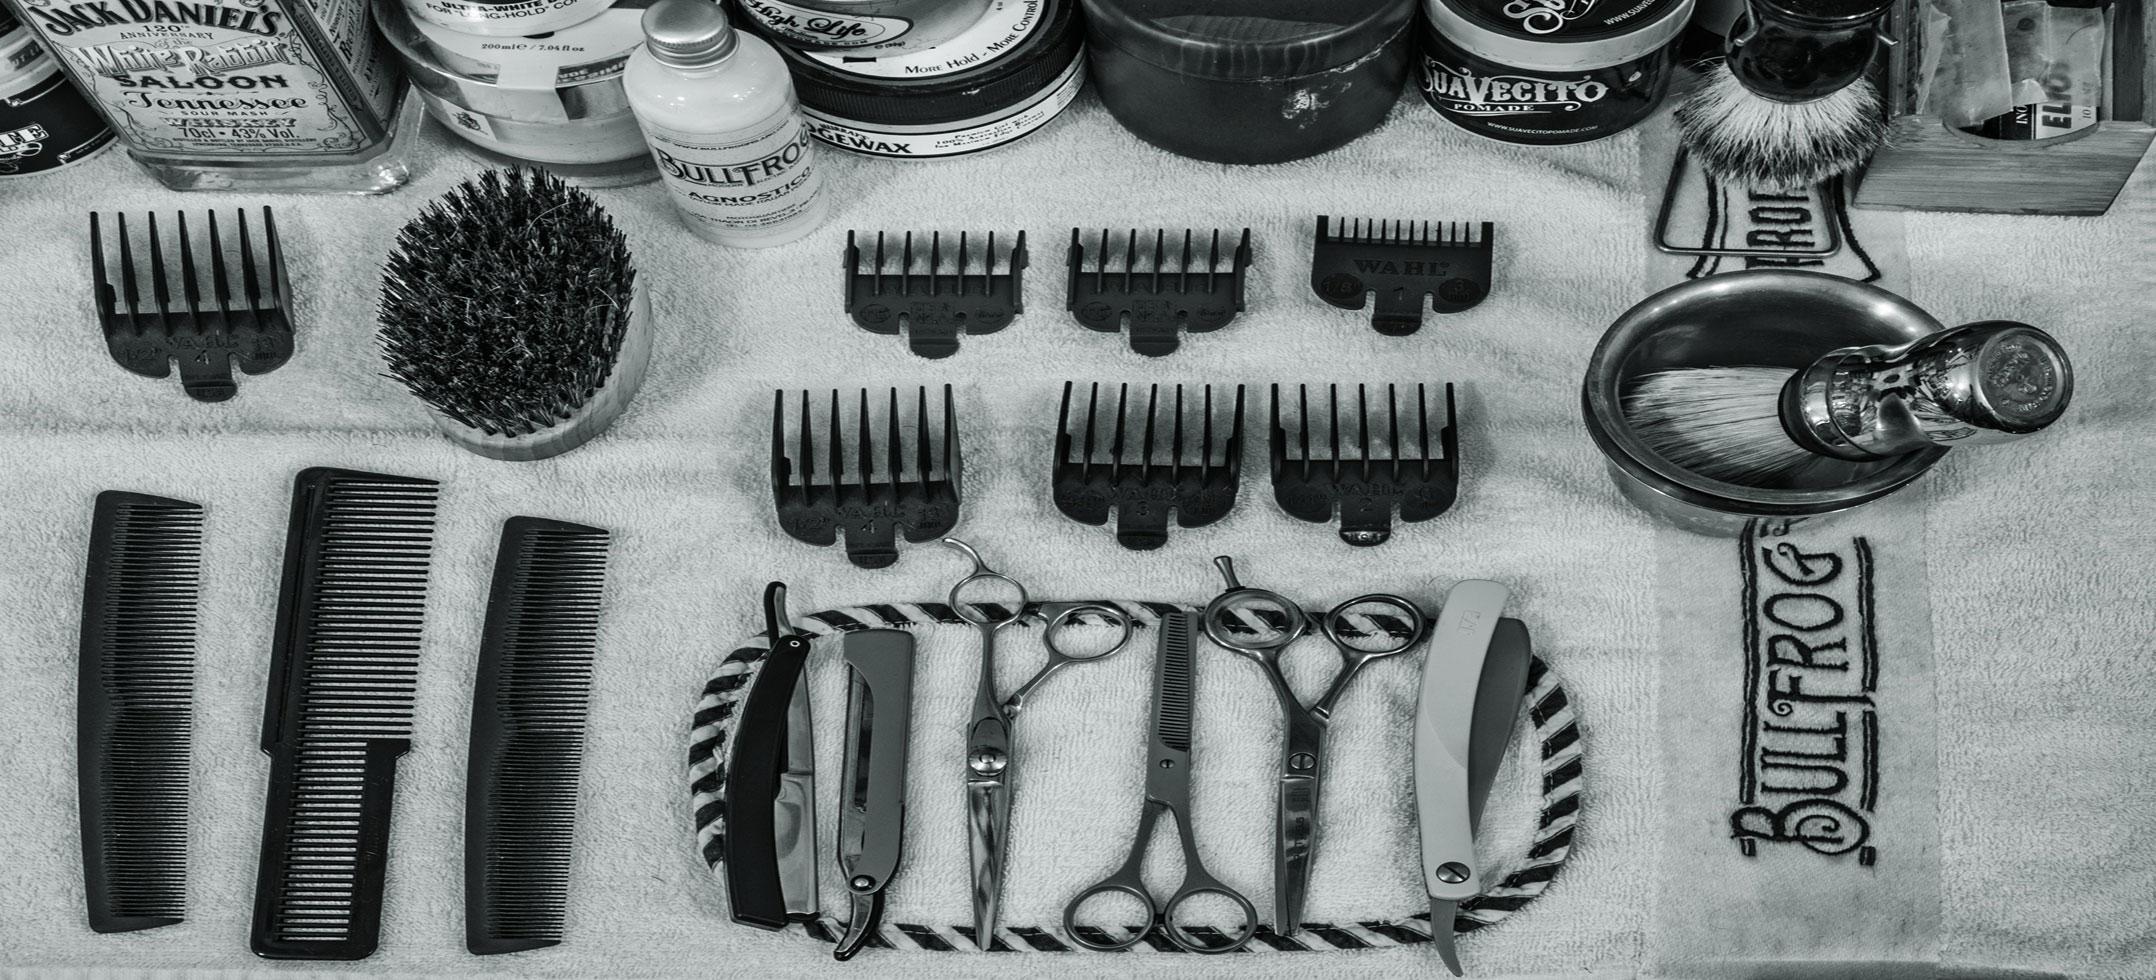 foto di strumenti per barbieri